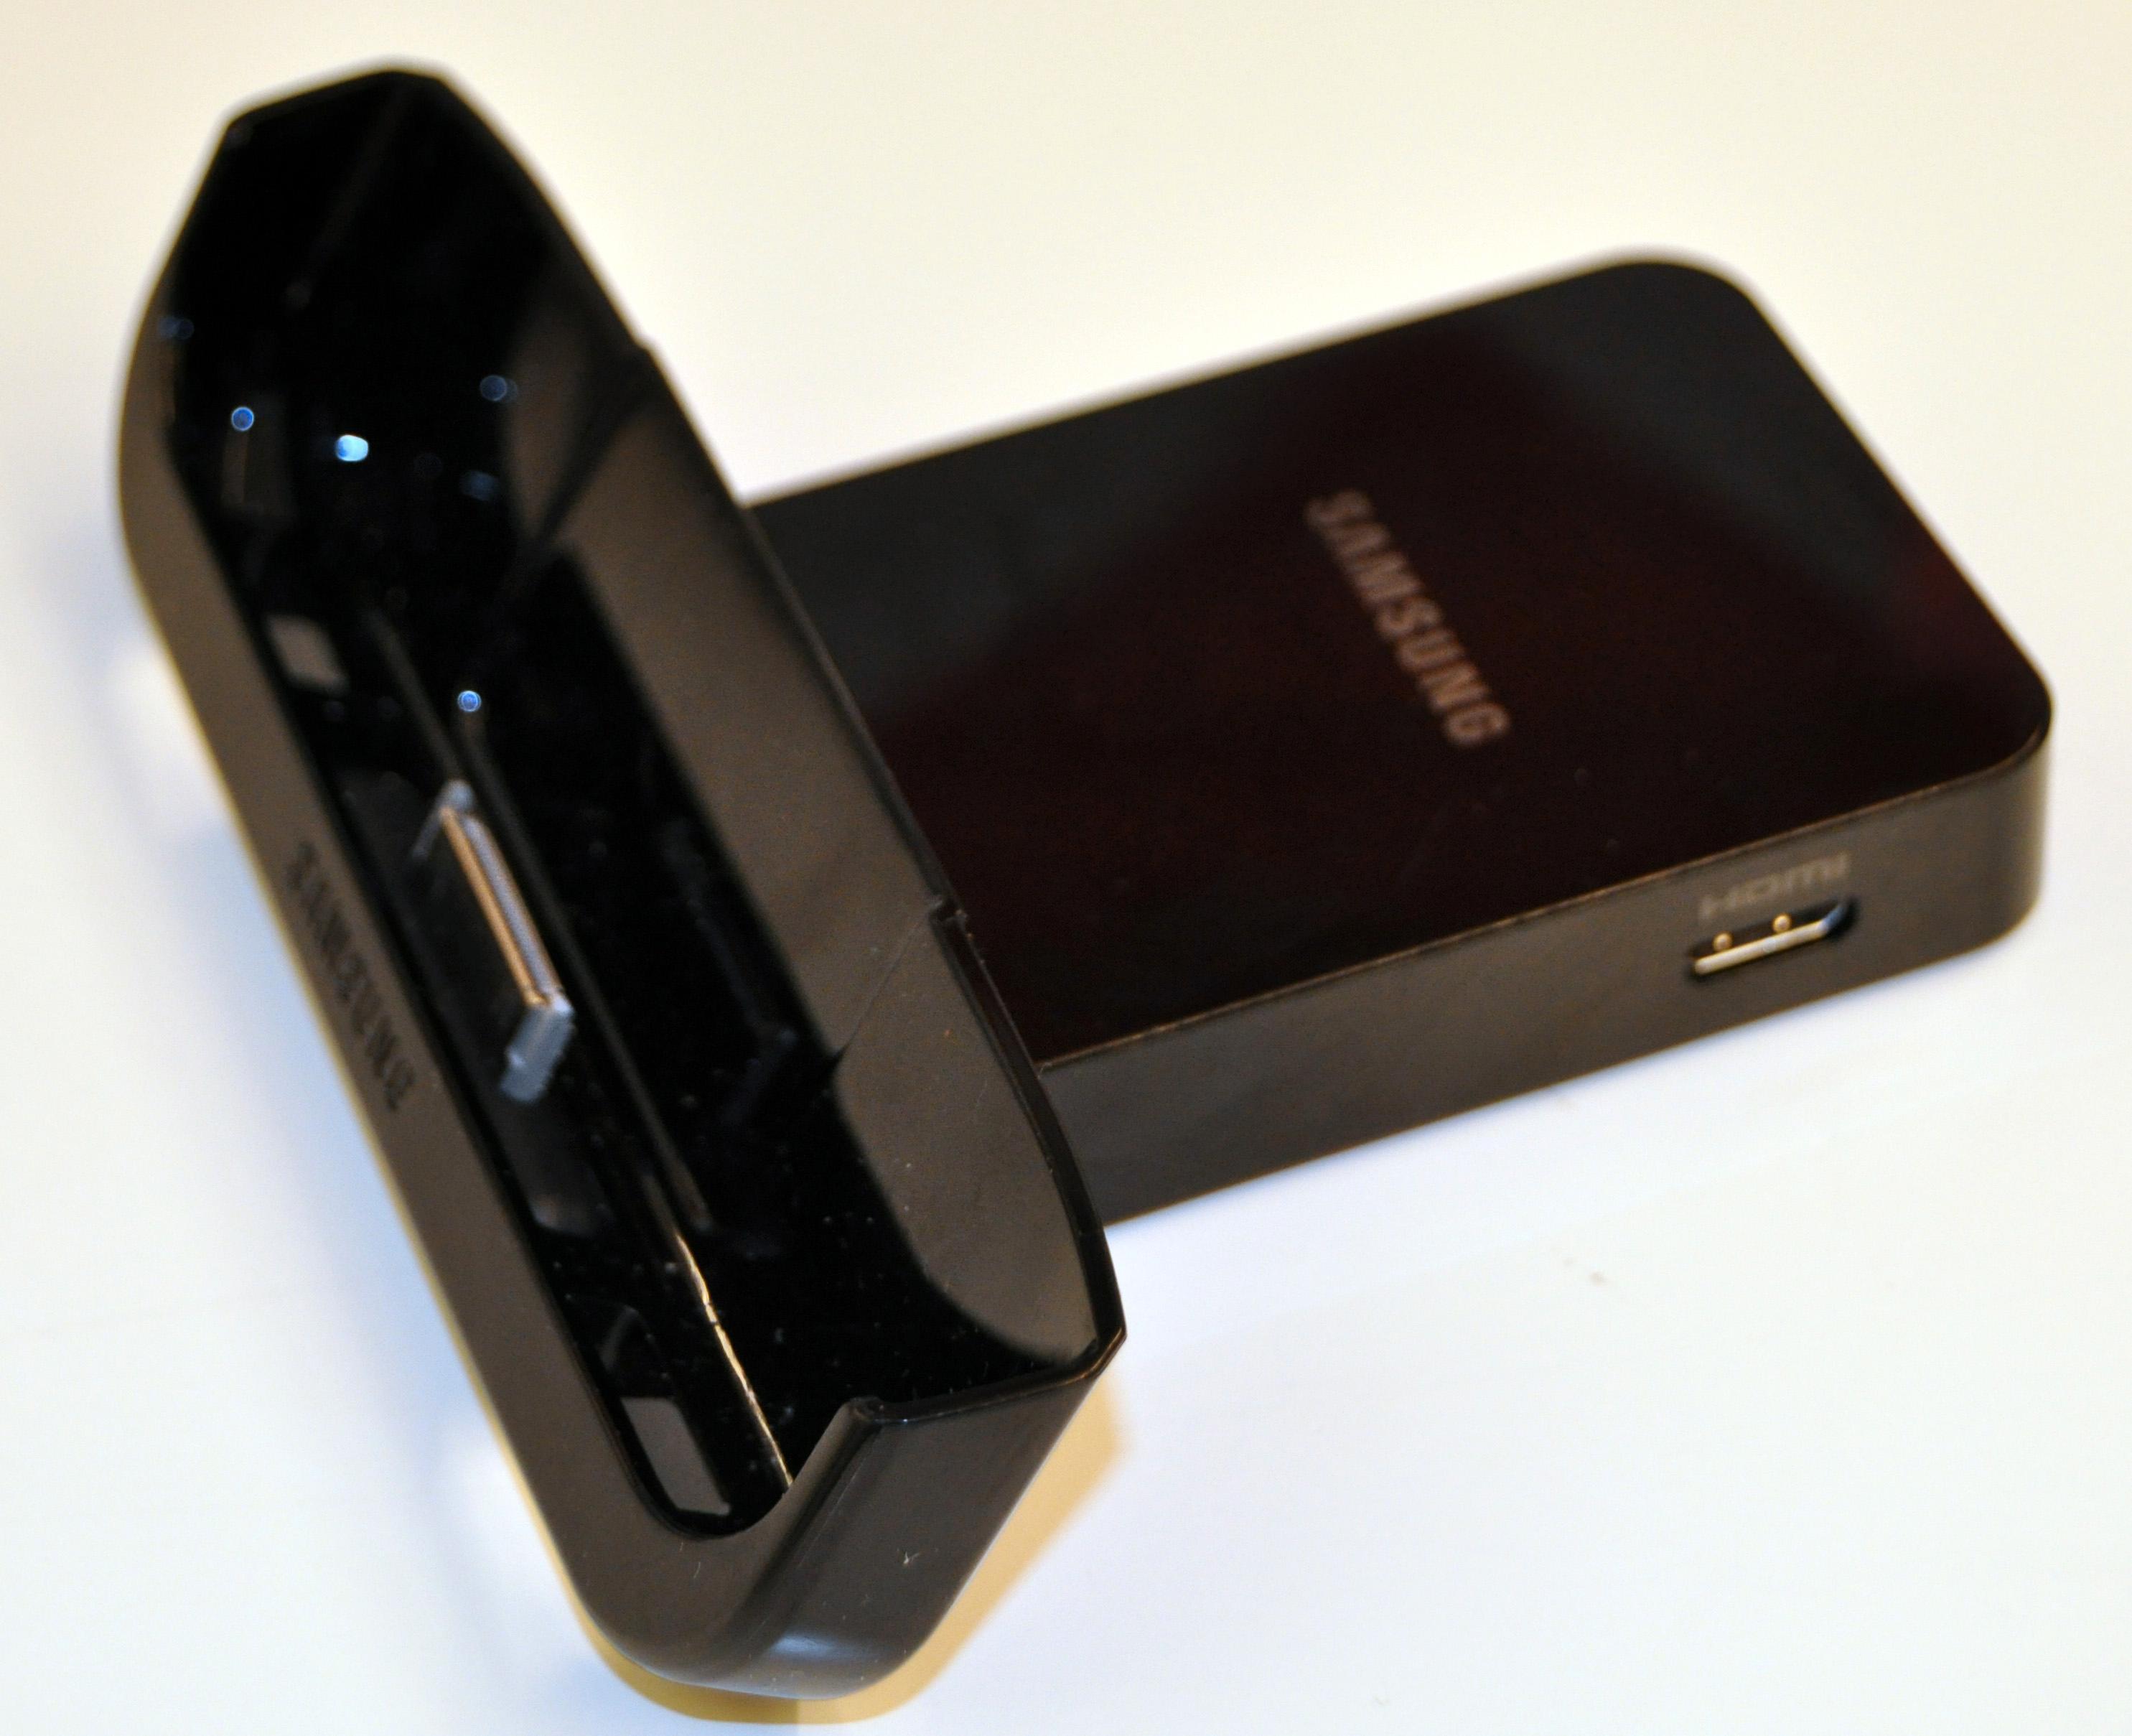 Mini-HDMI-kontakten gjør at man trenger en kabel med både stor og liten HDMI-kontakt, eller en overgang.